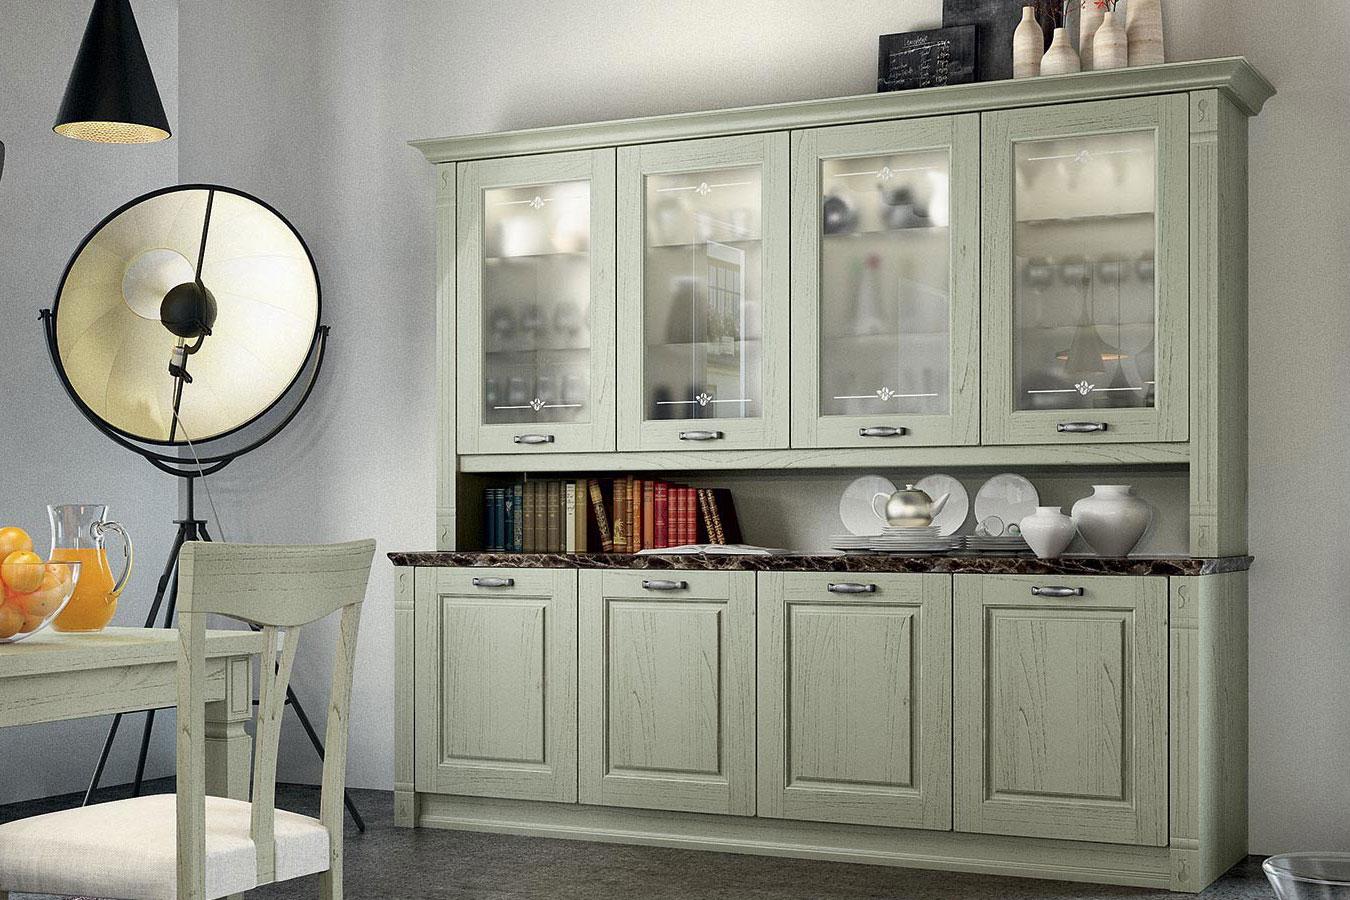 Cucina classica verona di arredo3 righetti mobili novara for Arredamento piemonte